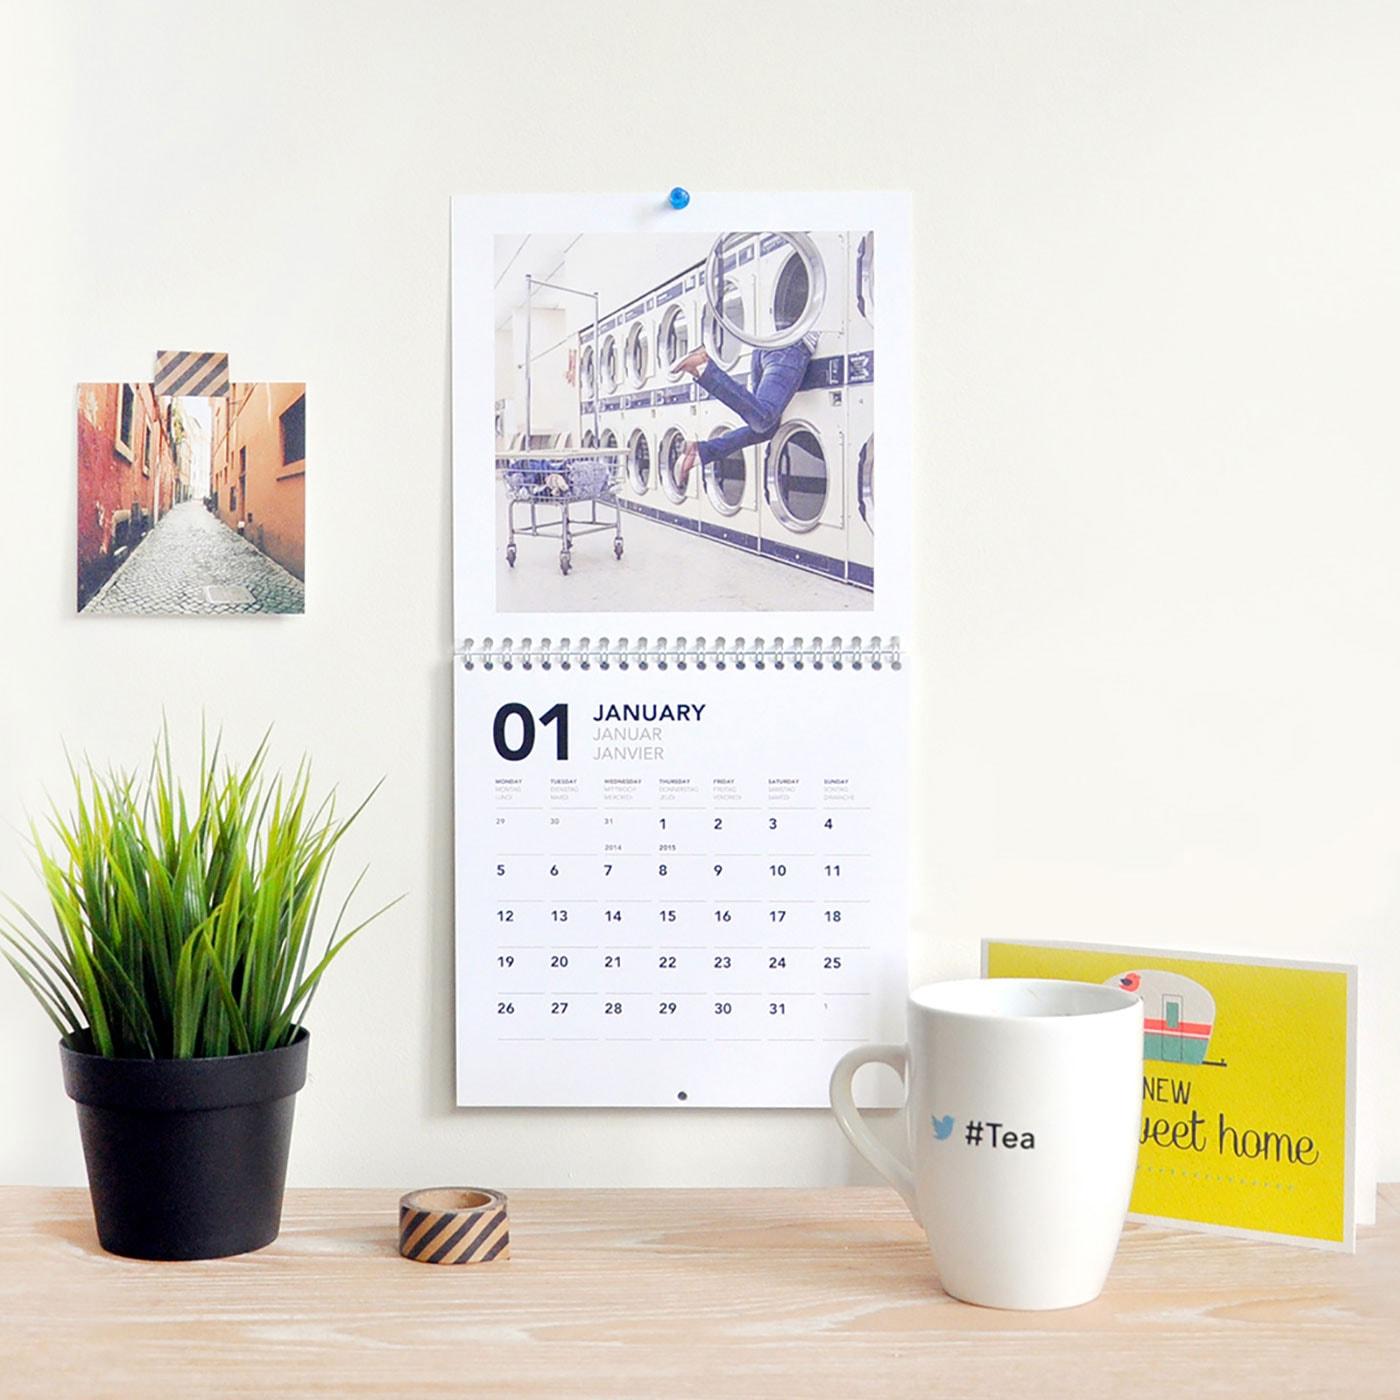 Gute Apps: Fotokalender gestalten mit LALALAB Foto-App // HIMBEER